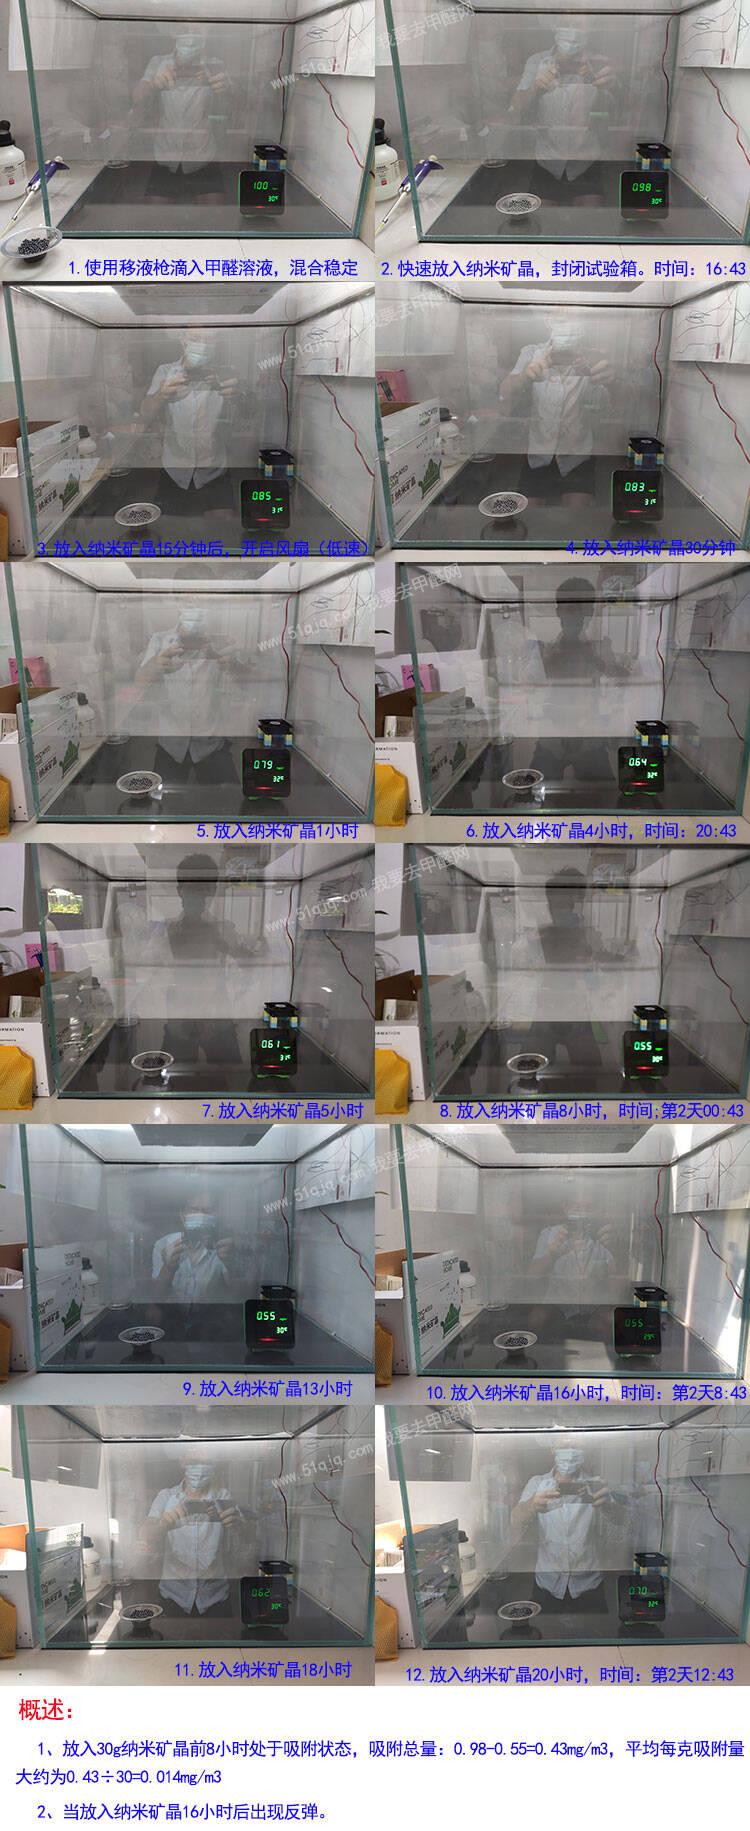 山山纳米矿晶除甲醛试验组图